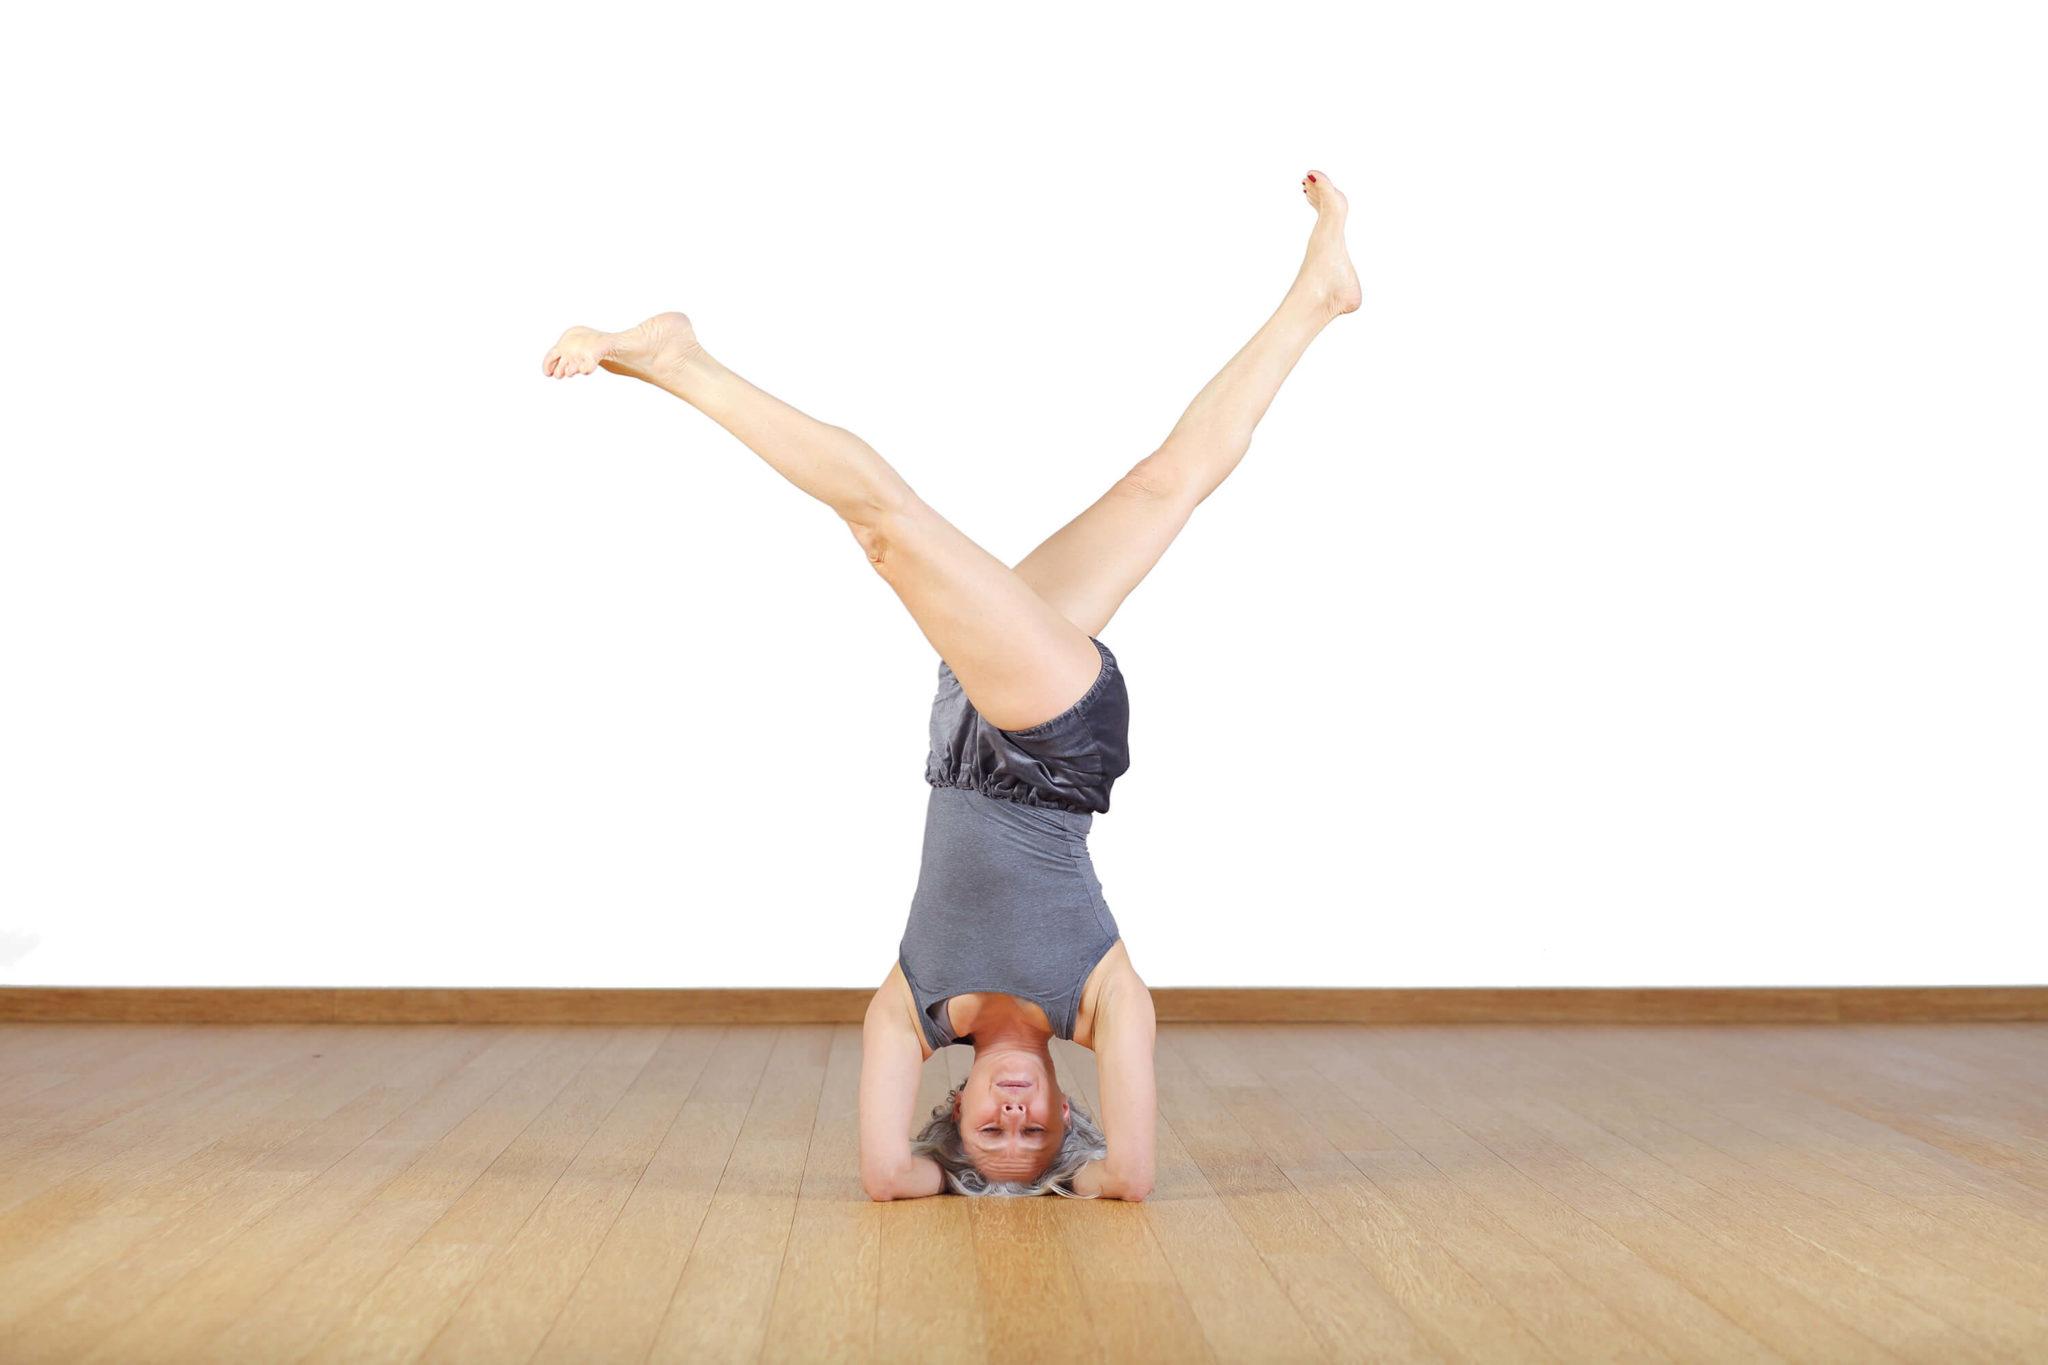 Pozycja jogi stanie na głowie